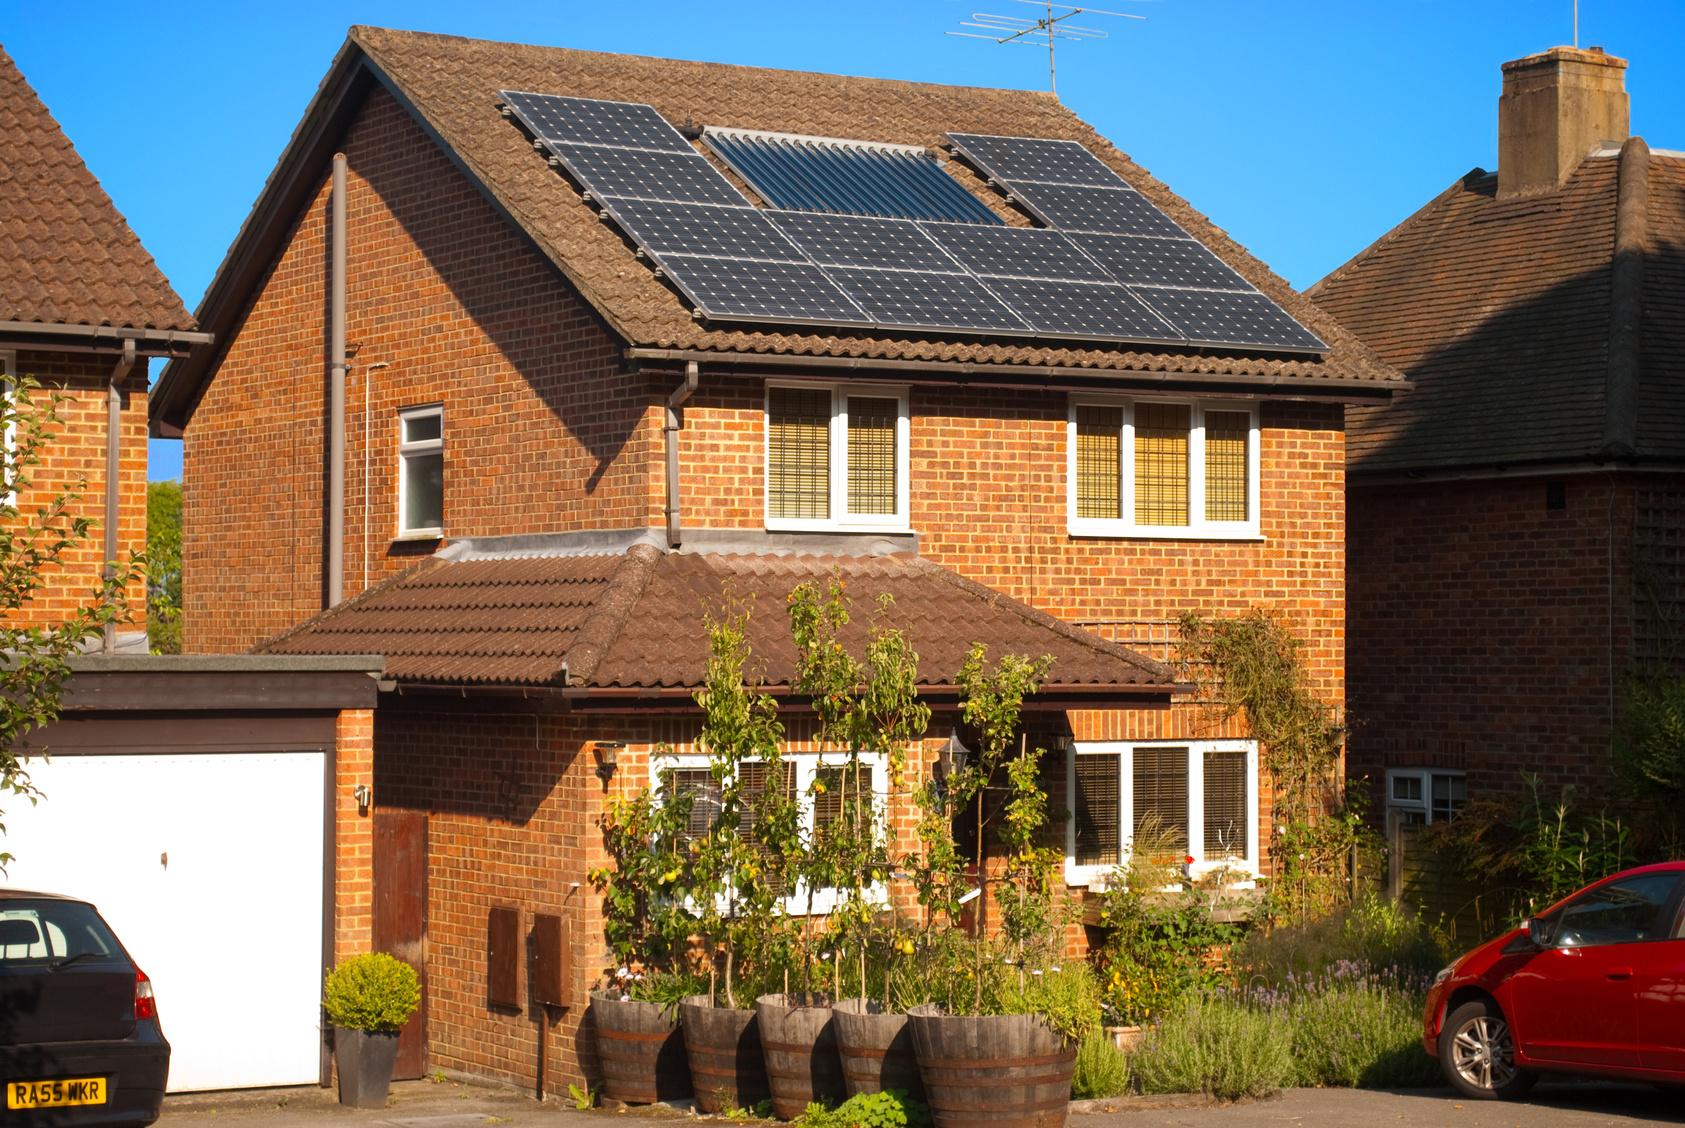 Les panneaux photovoltaïques sur une maison